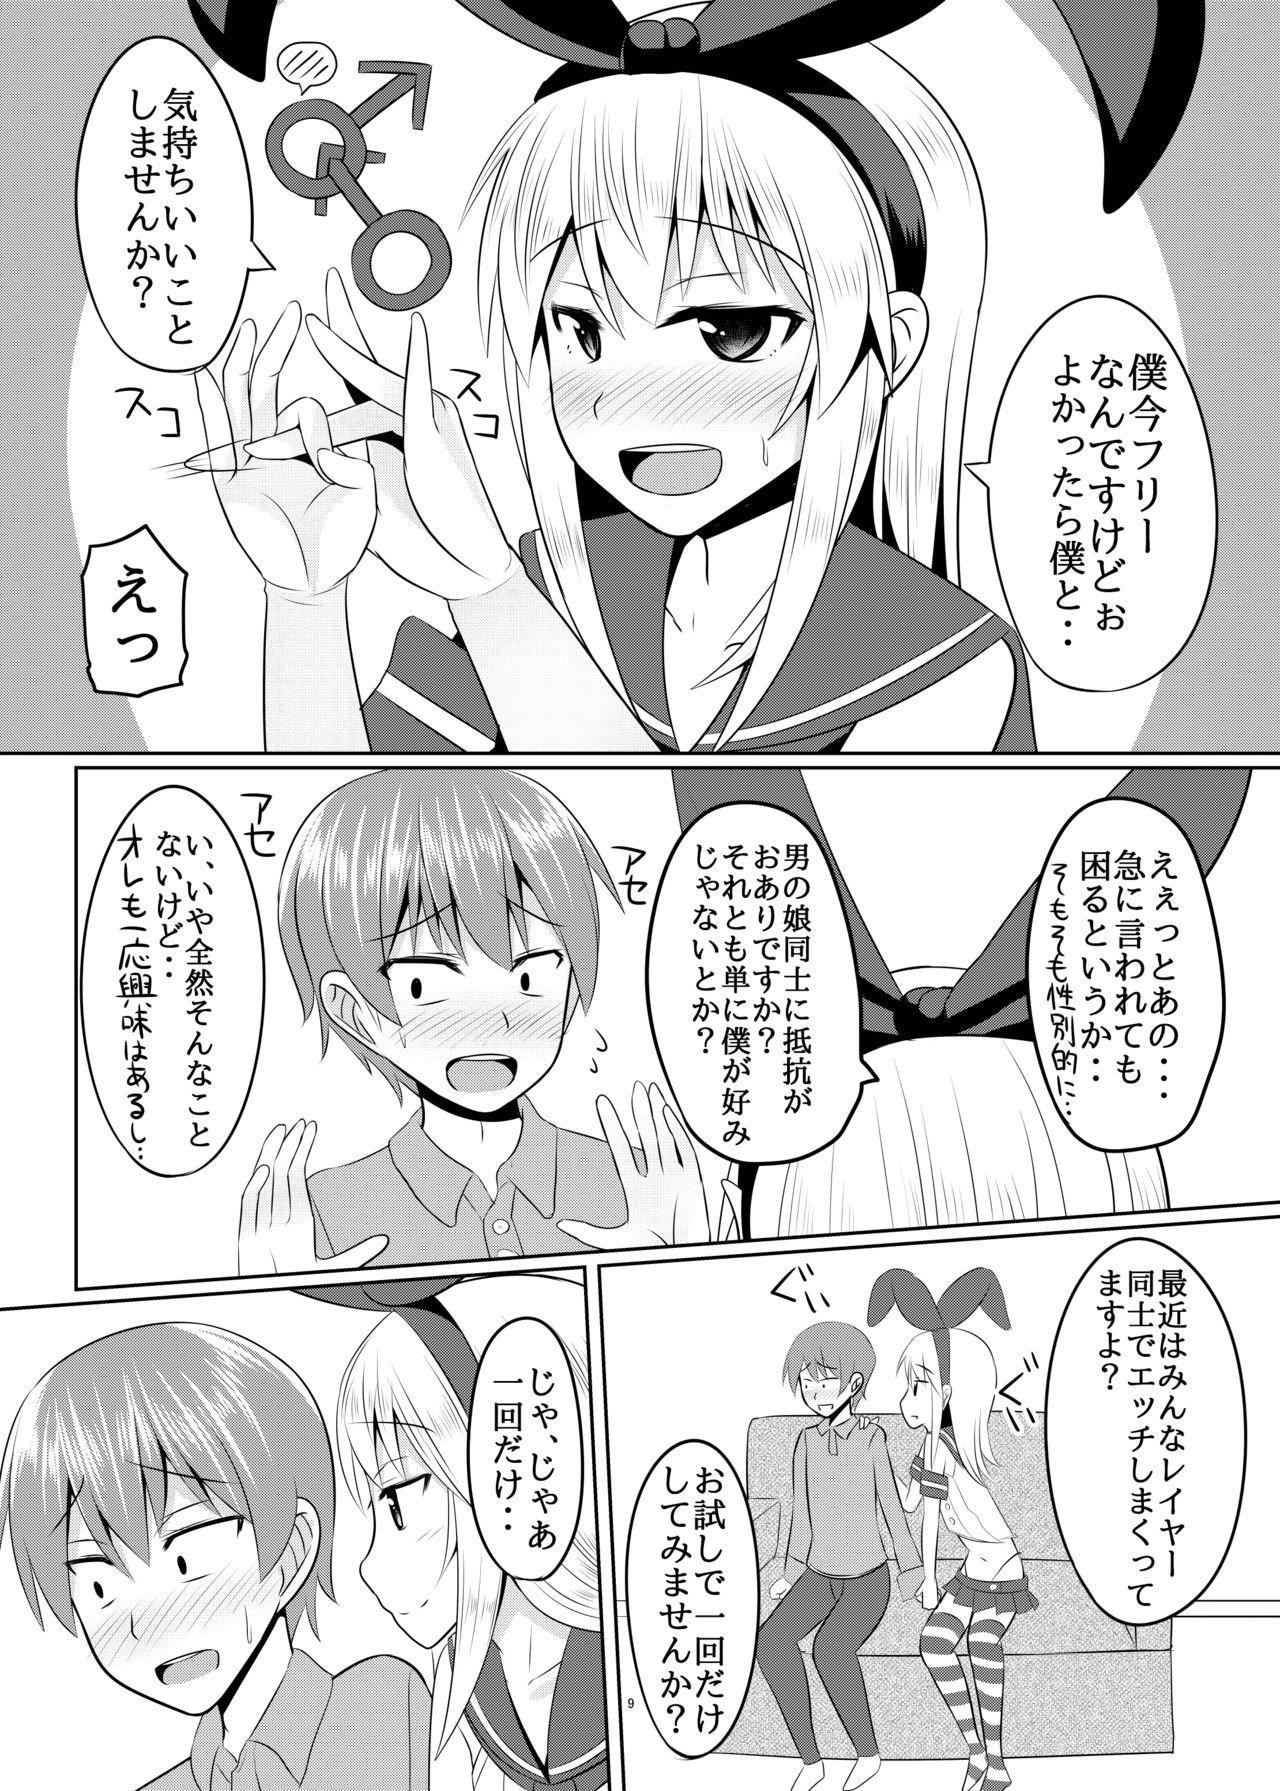 Seiyoku no Sugoi Otokonoko to Tsukiau Koto ni Natta Kekka w 7